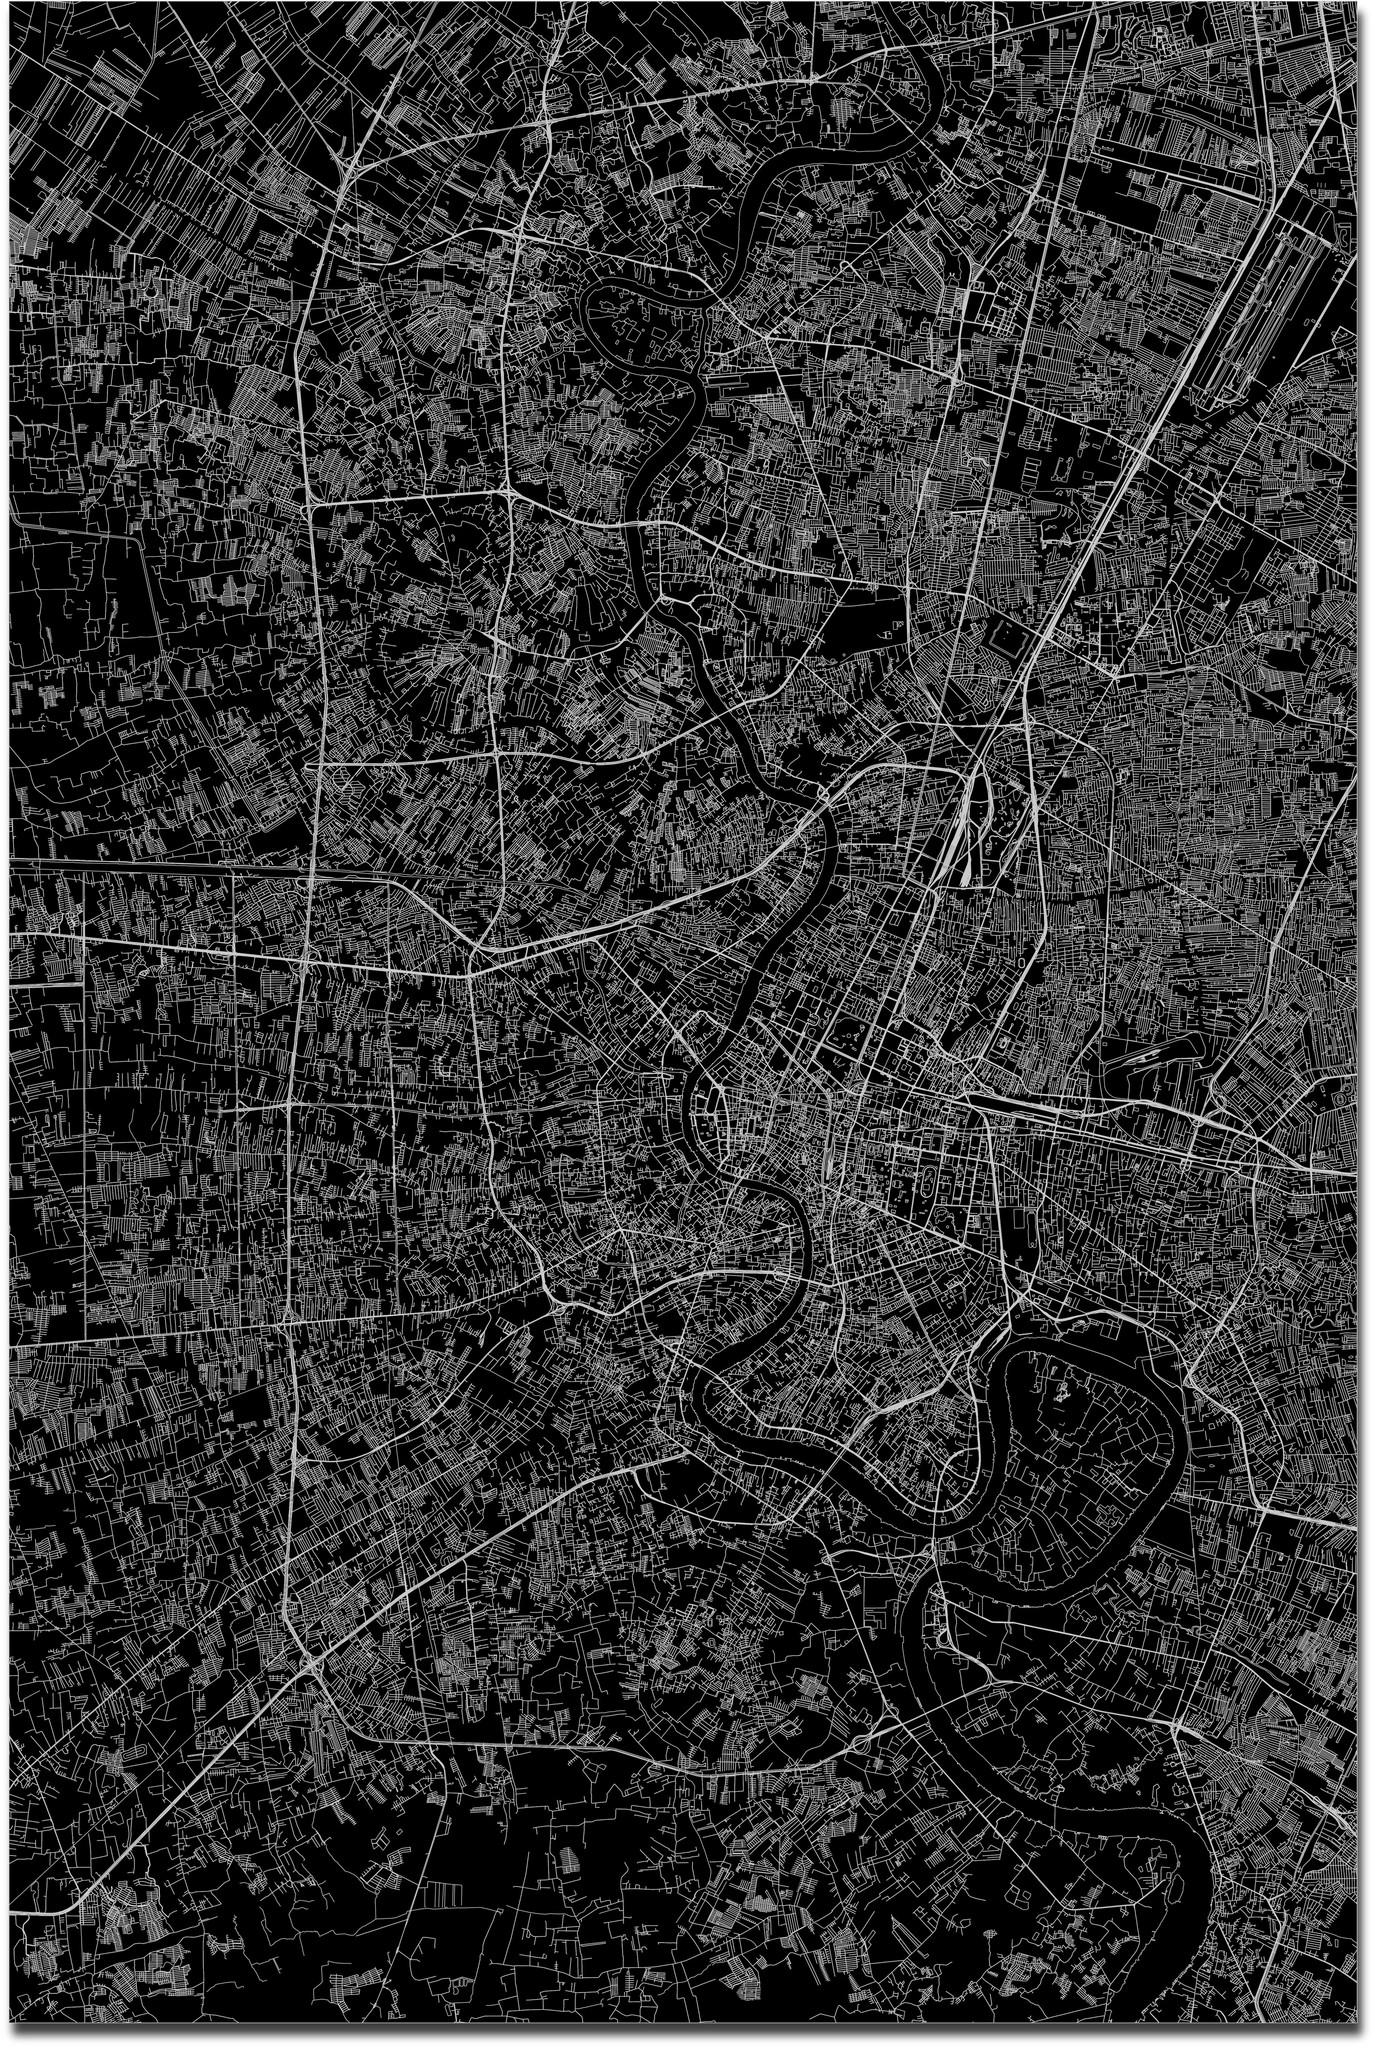 Stadtkarte Bangkok XL | Aluminium Wanddekoration-3